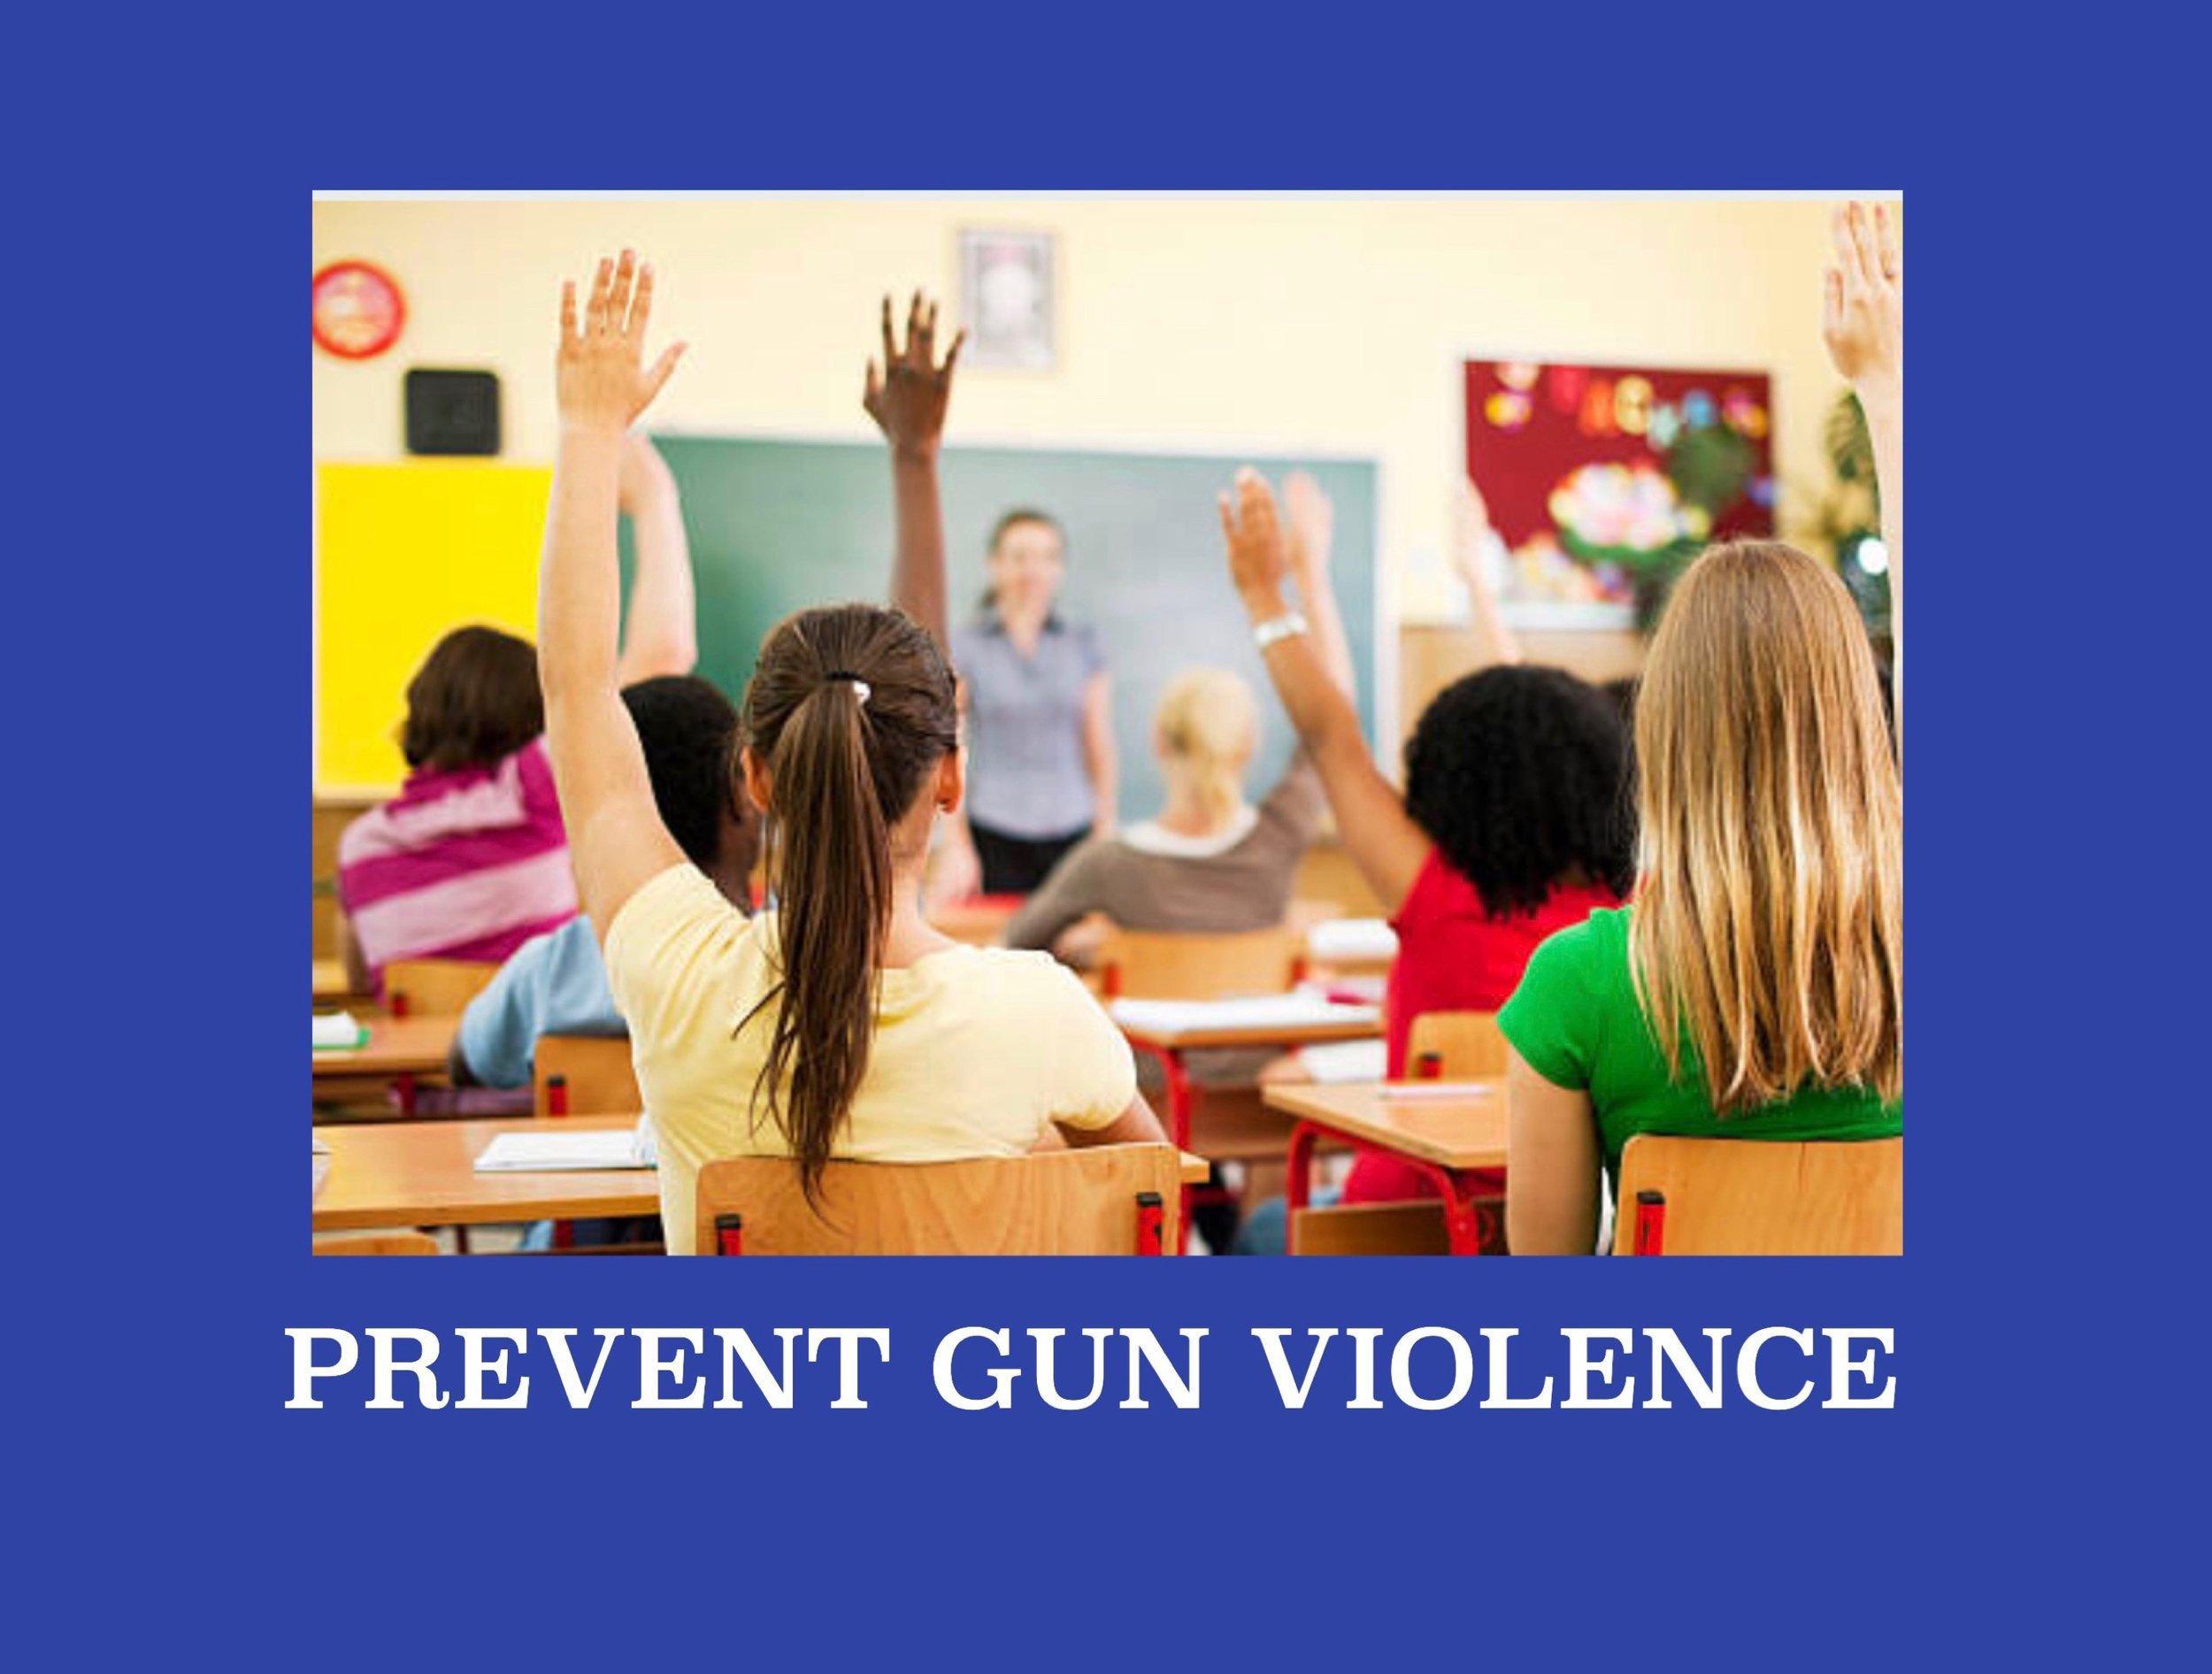 Prevent Gun Violence.JPG